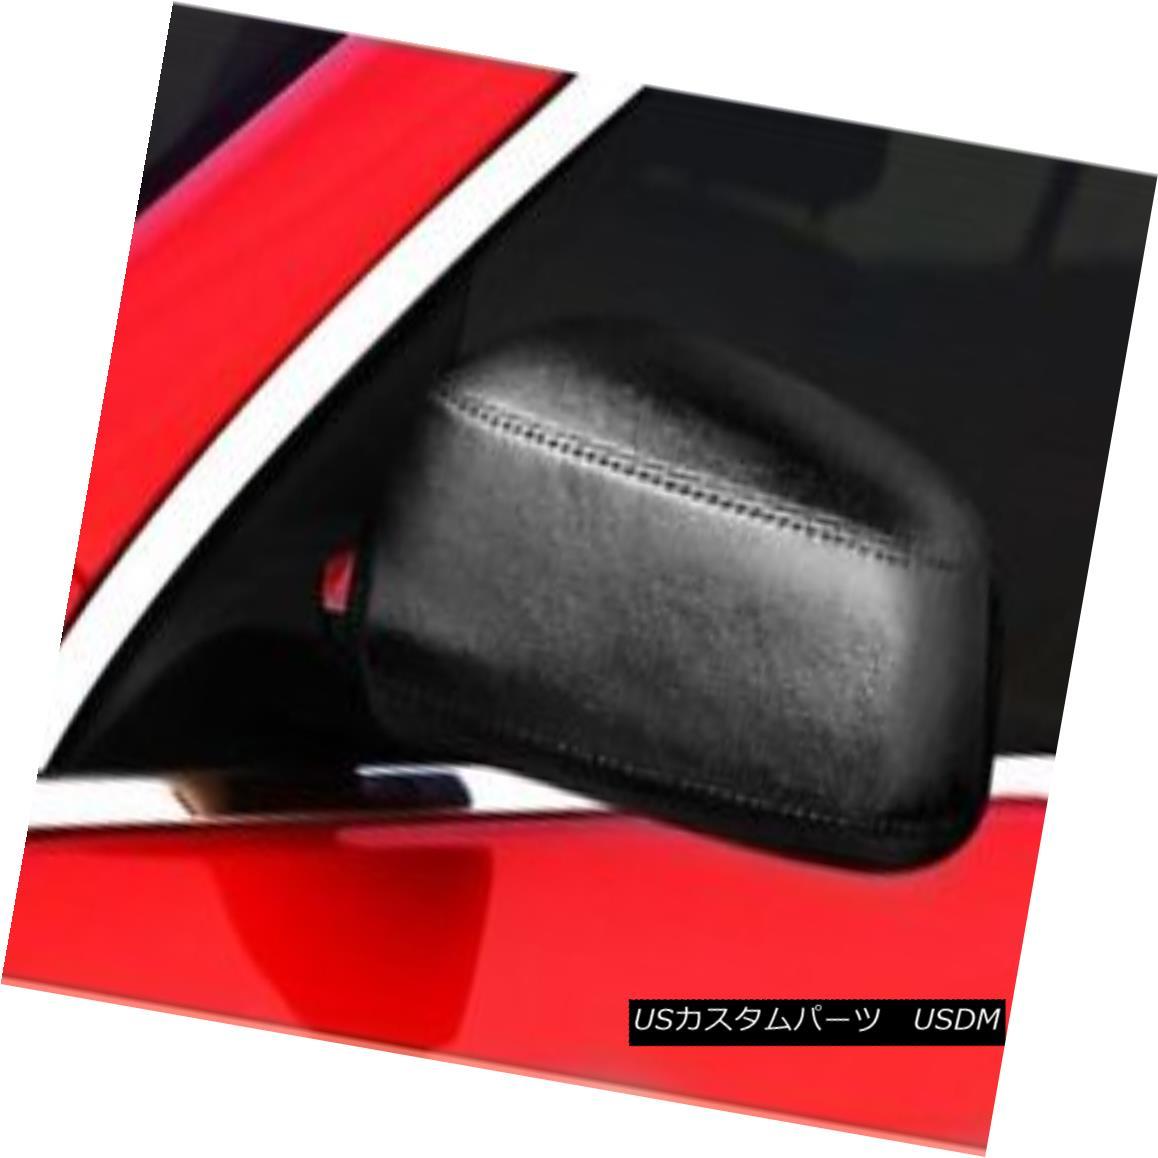 フルブラ ノーズブラ Colgan Car Mirror Covers Bra Protector Black Fits 2005-2008 Toyota Matrix only Colgan Car Mirrors Covers Bra Protector Blackは、2005-2008年のToyota Matrixにのみ適合します。